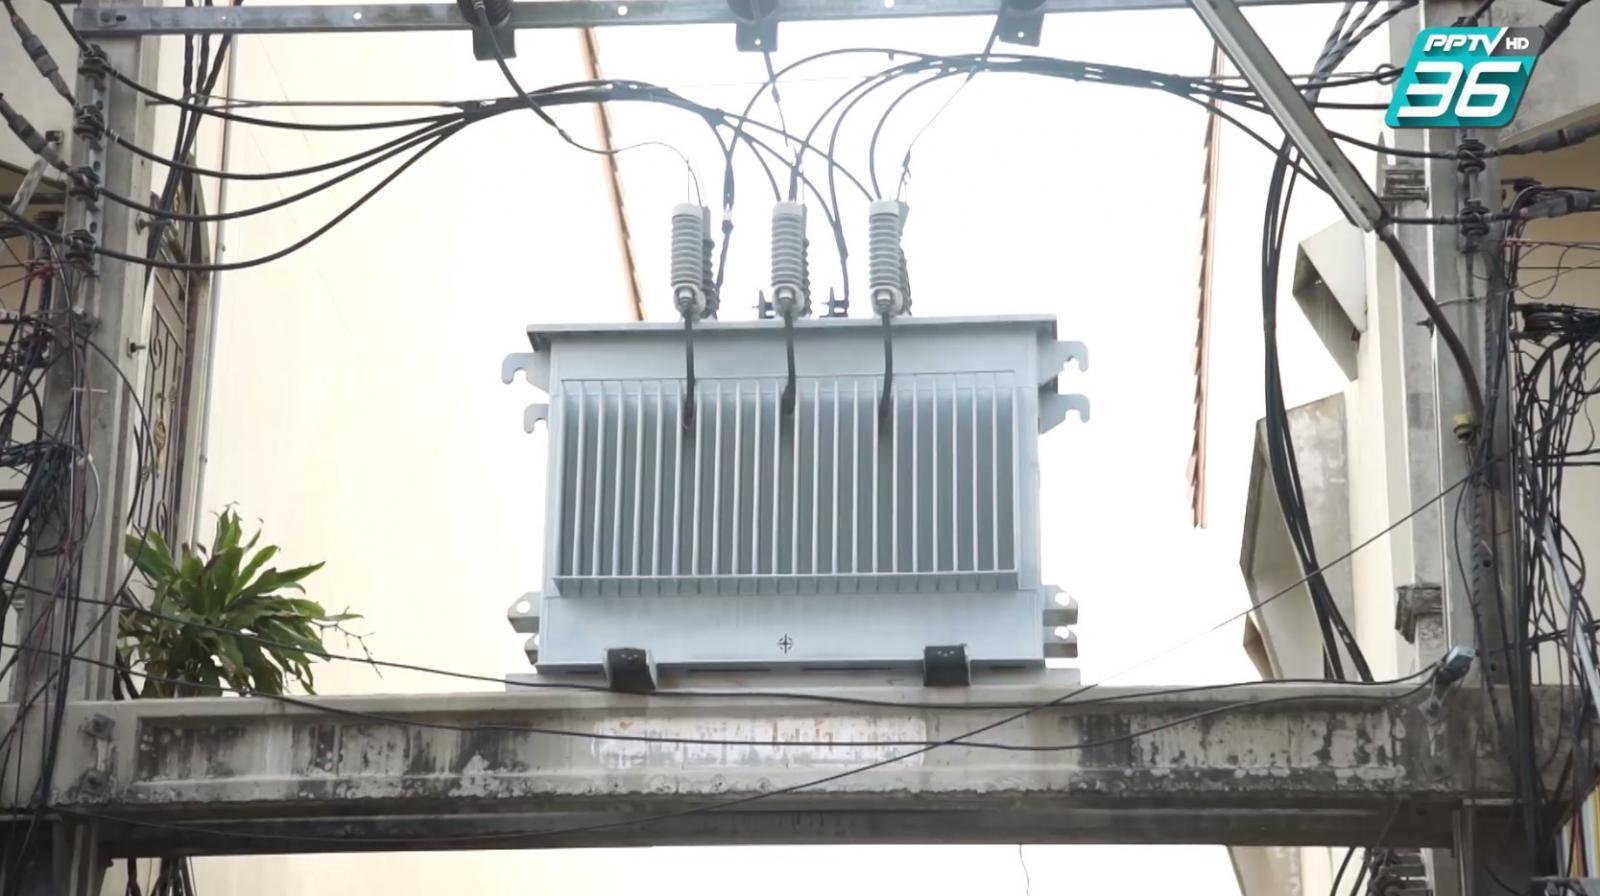 """บ้านติดกับ """"หม้อแปลงไฟฟ้า"""" ฮวงจุ้ยที่ต้องรีบแก้"""